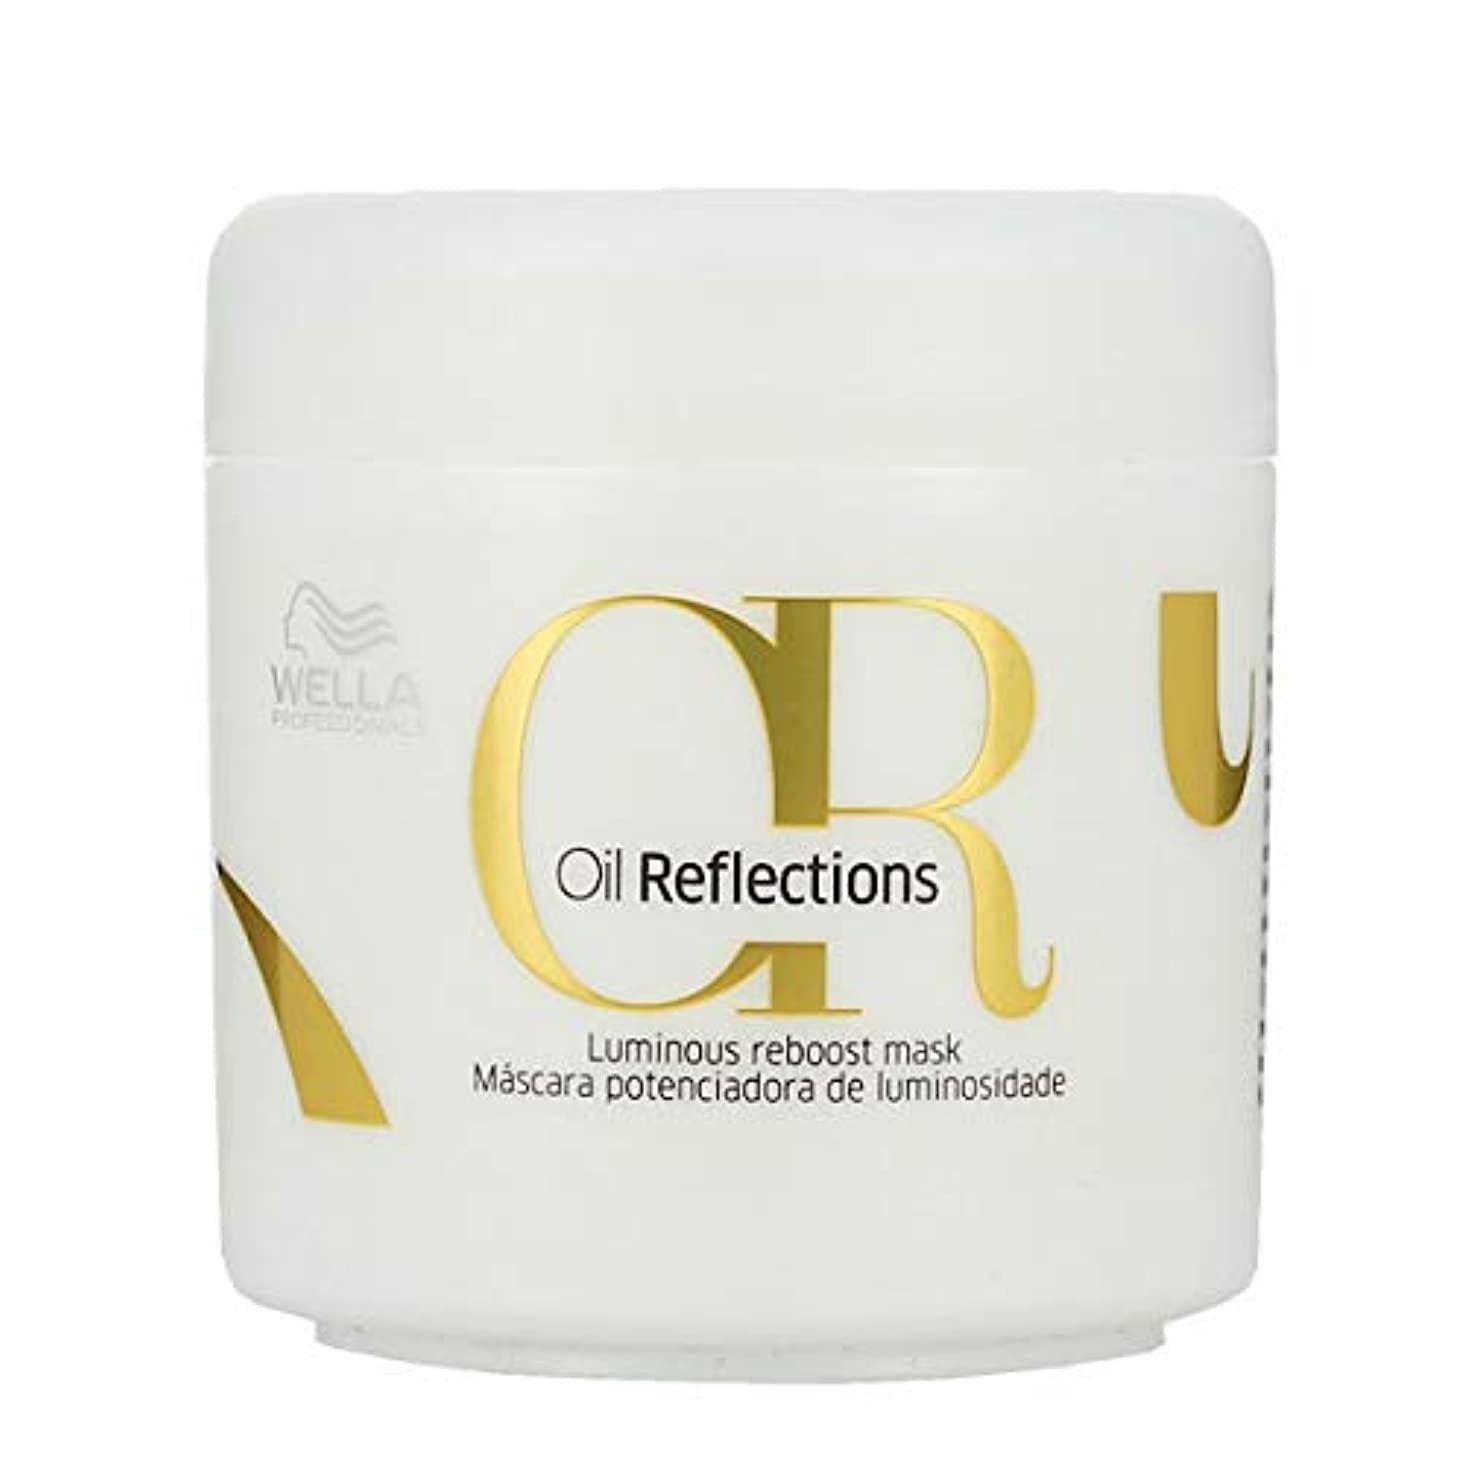 安いですスリム方程式Wella Professionals Oil Reflections Luminous Reboost Mask ウエラ オイルリフレクション マスク 150 ml [並行輸入品]